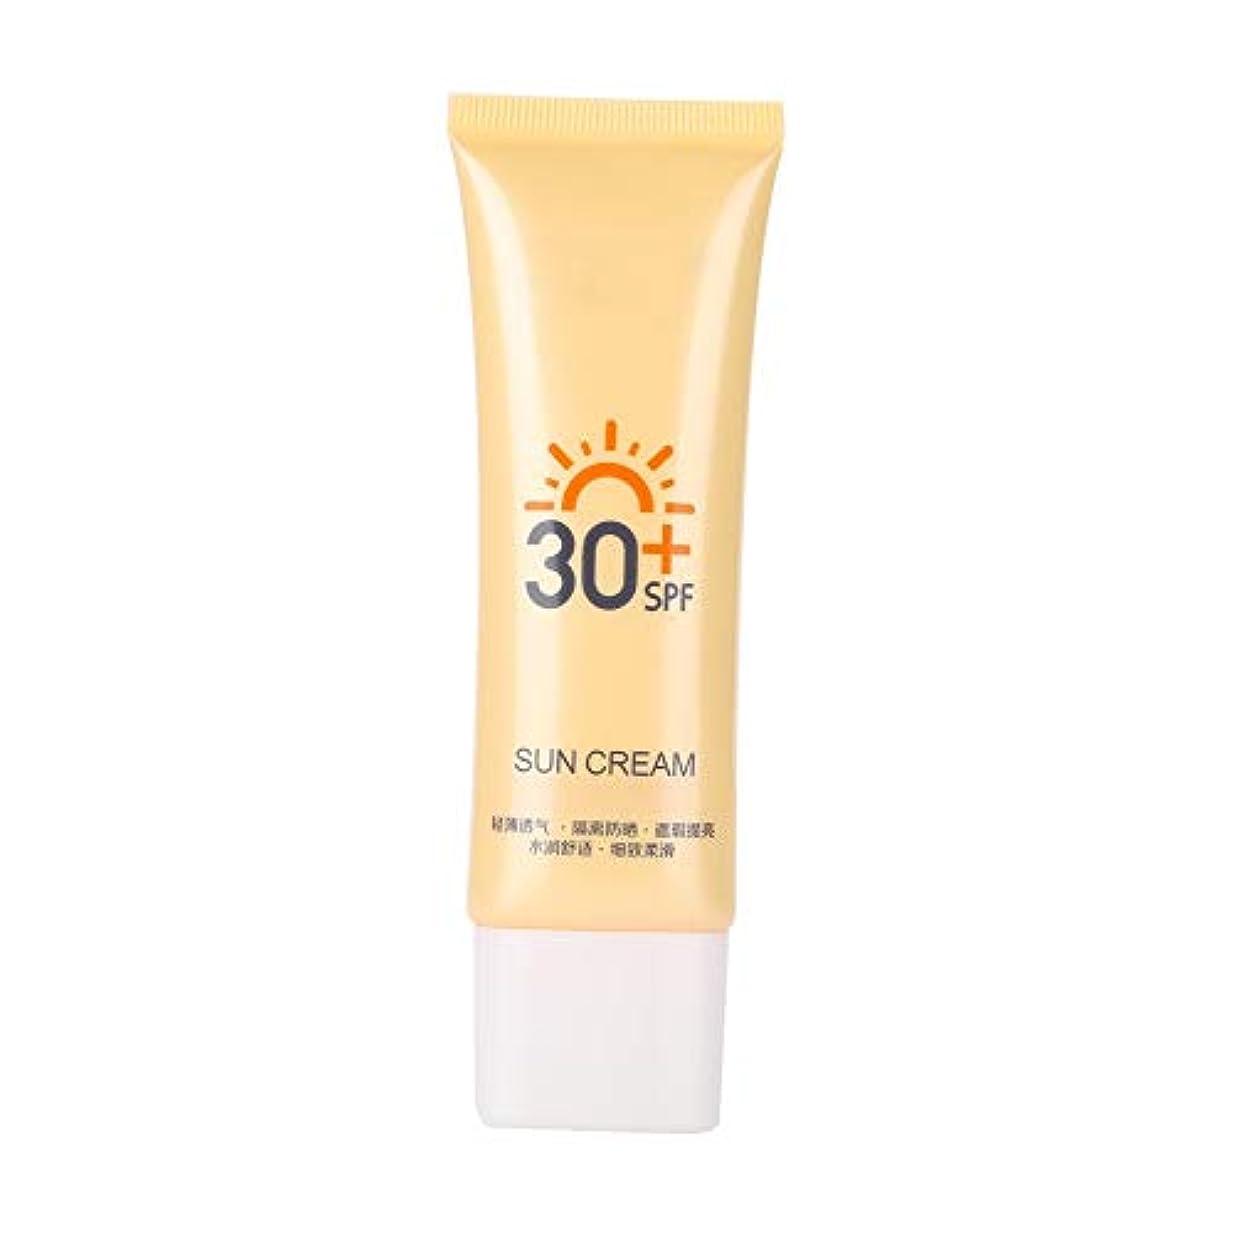 簡単な酒意外Semme日焼け止めクリーム、日焼け止めクリーム40グラム日焼け止めクリームSPF30 + uv日焼け止めブライトニング防水クリーム